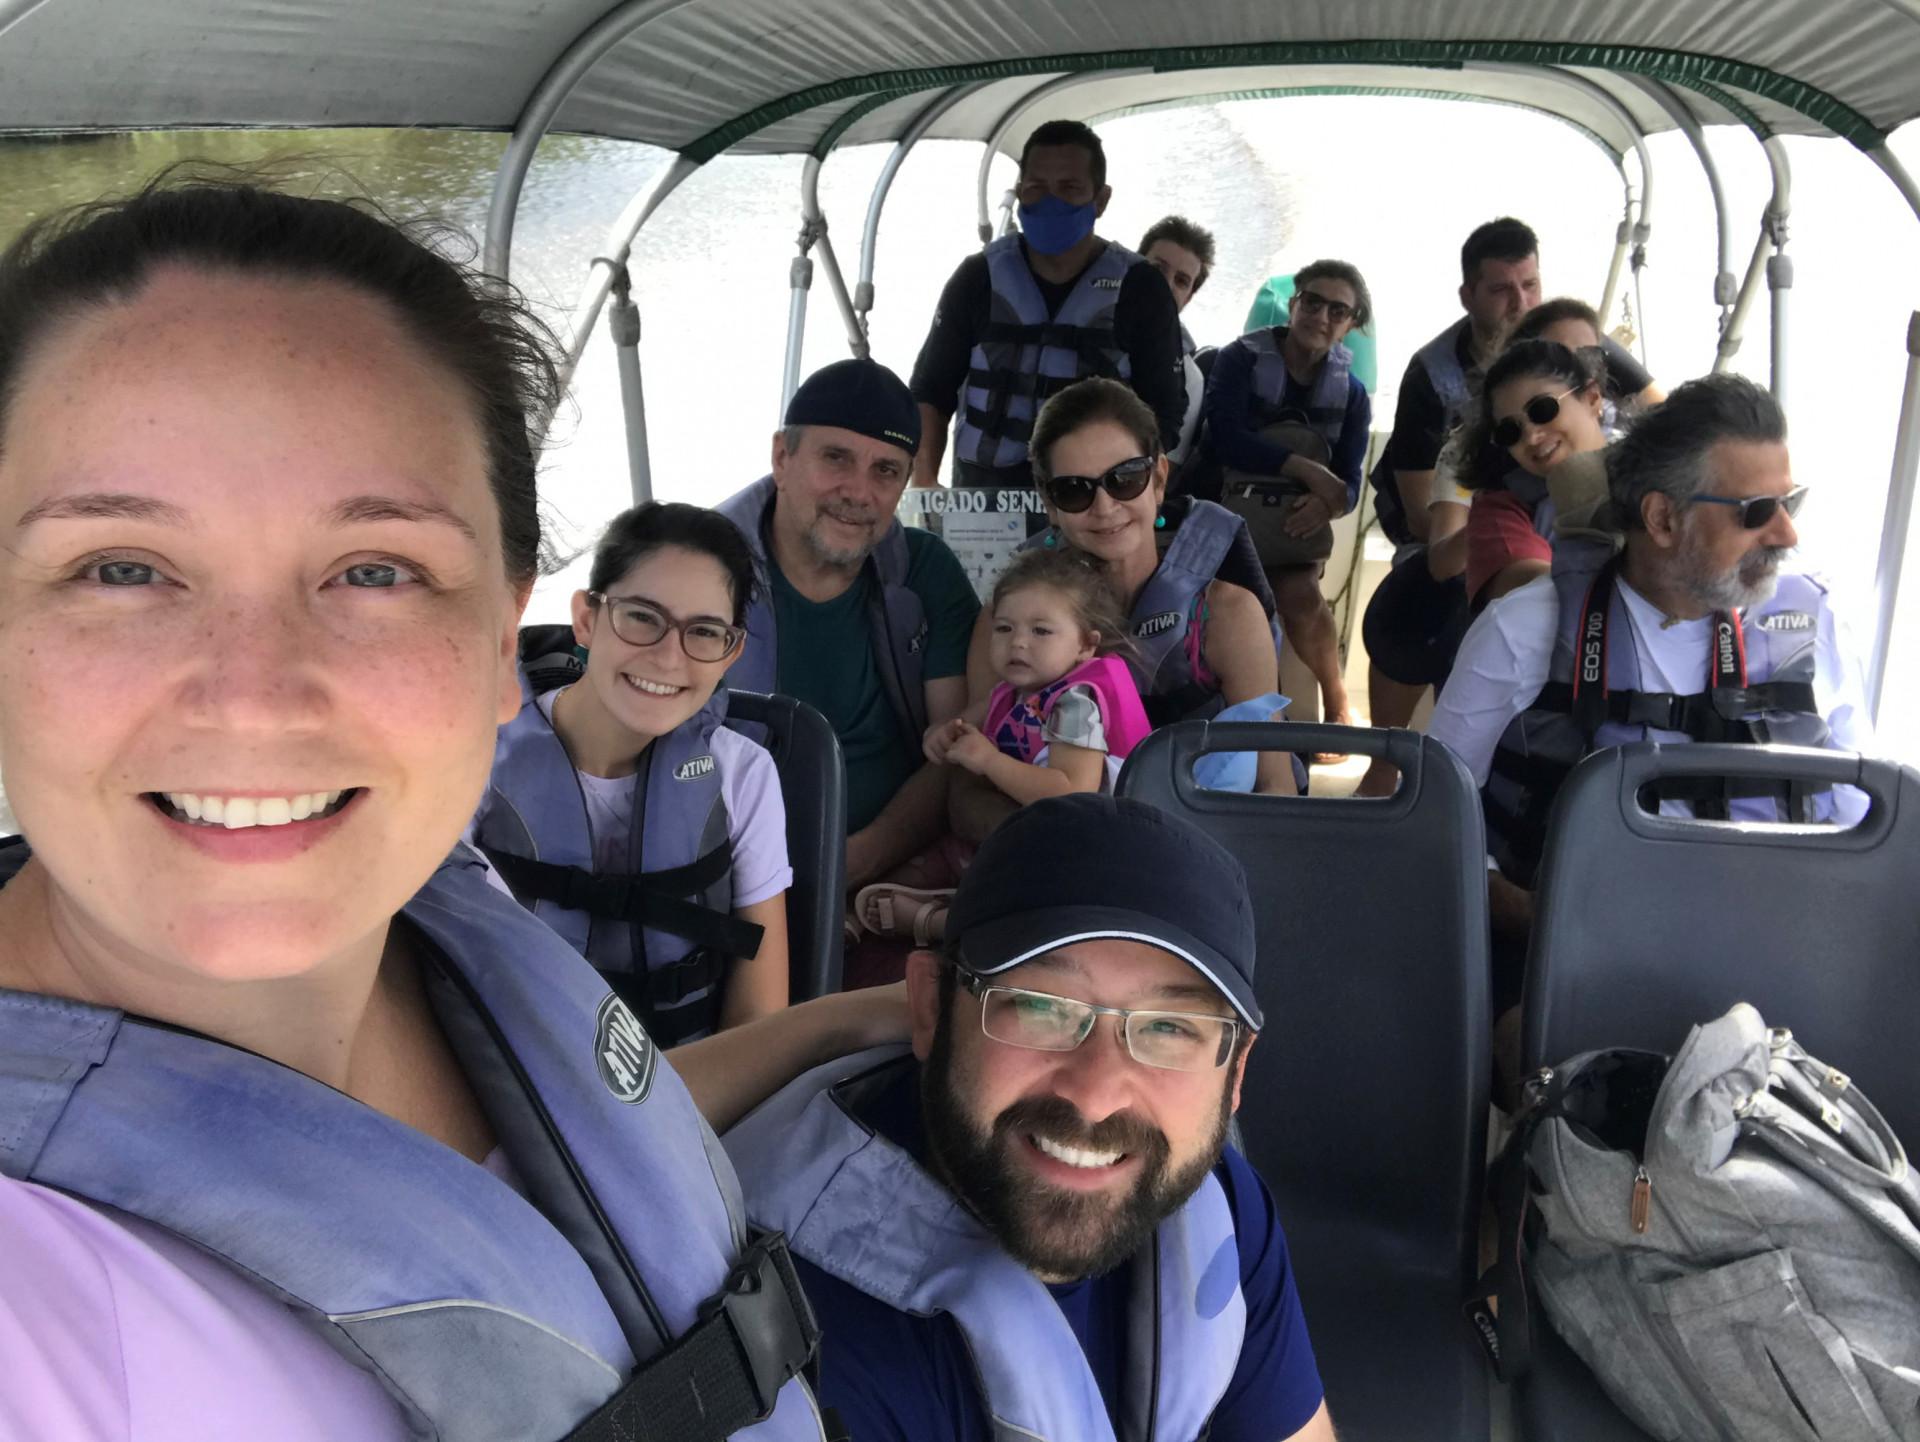 Mayra Guedes e família voltaram a viajar me julho de 2021 para os Lencois maranhenses. Pauta retomada do turismo